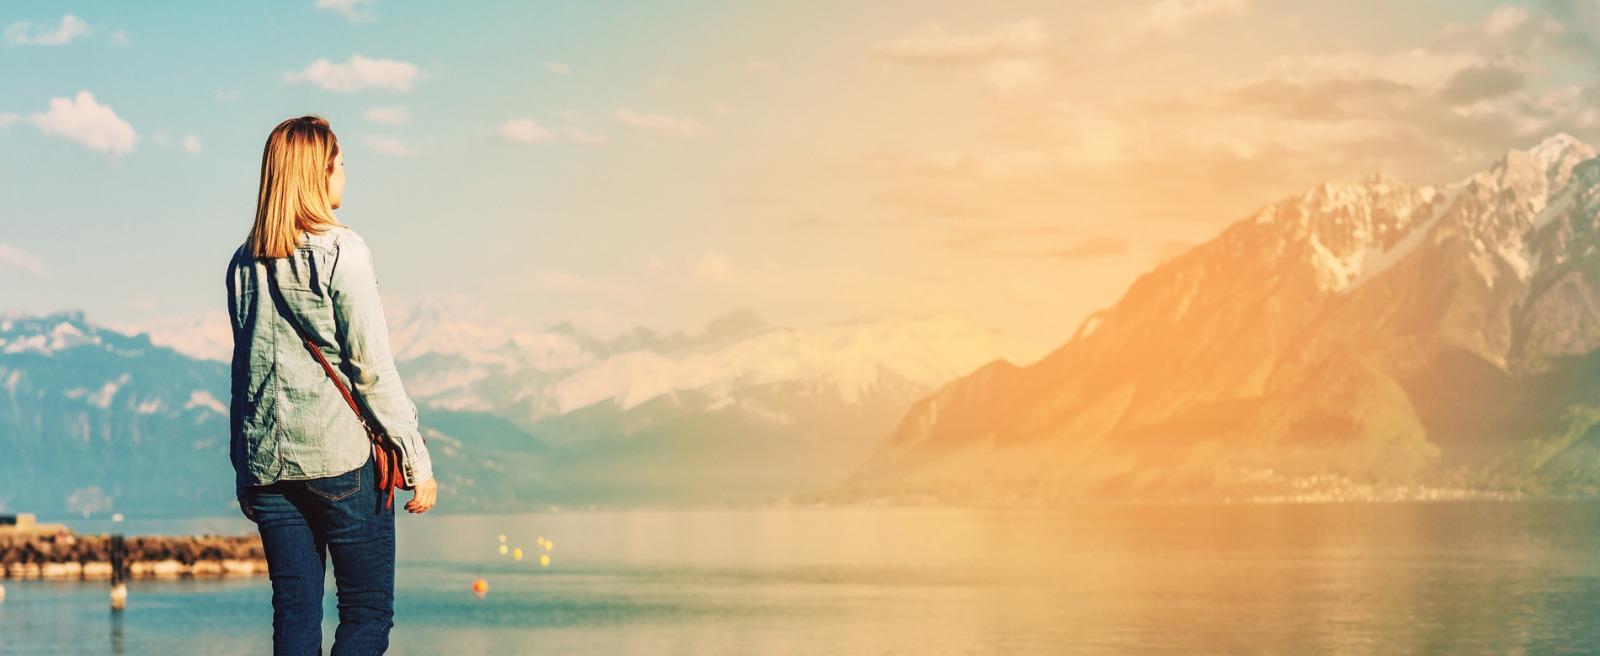 178 – ¿Cómo actúa Dios cuando alguien se vuelve humilde?